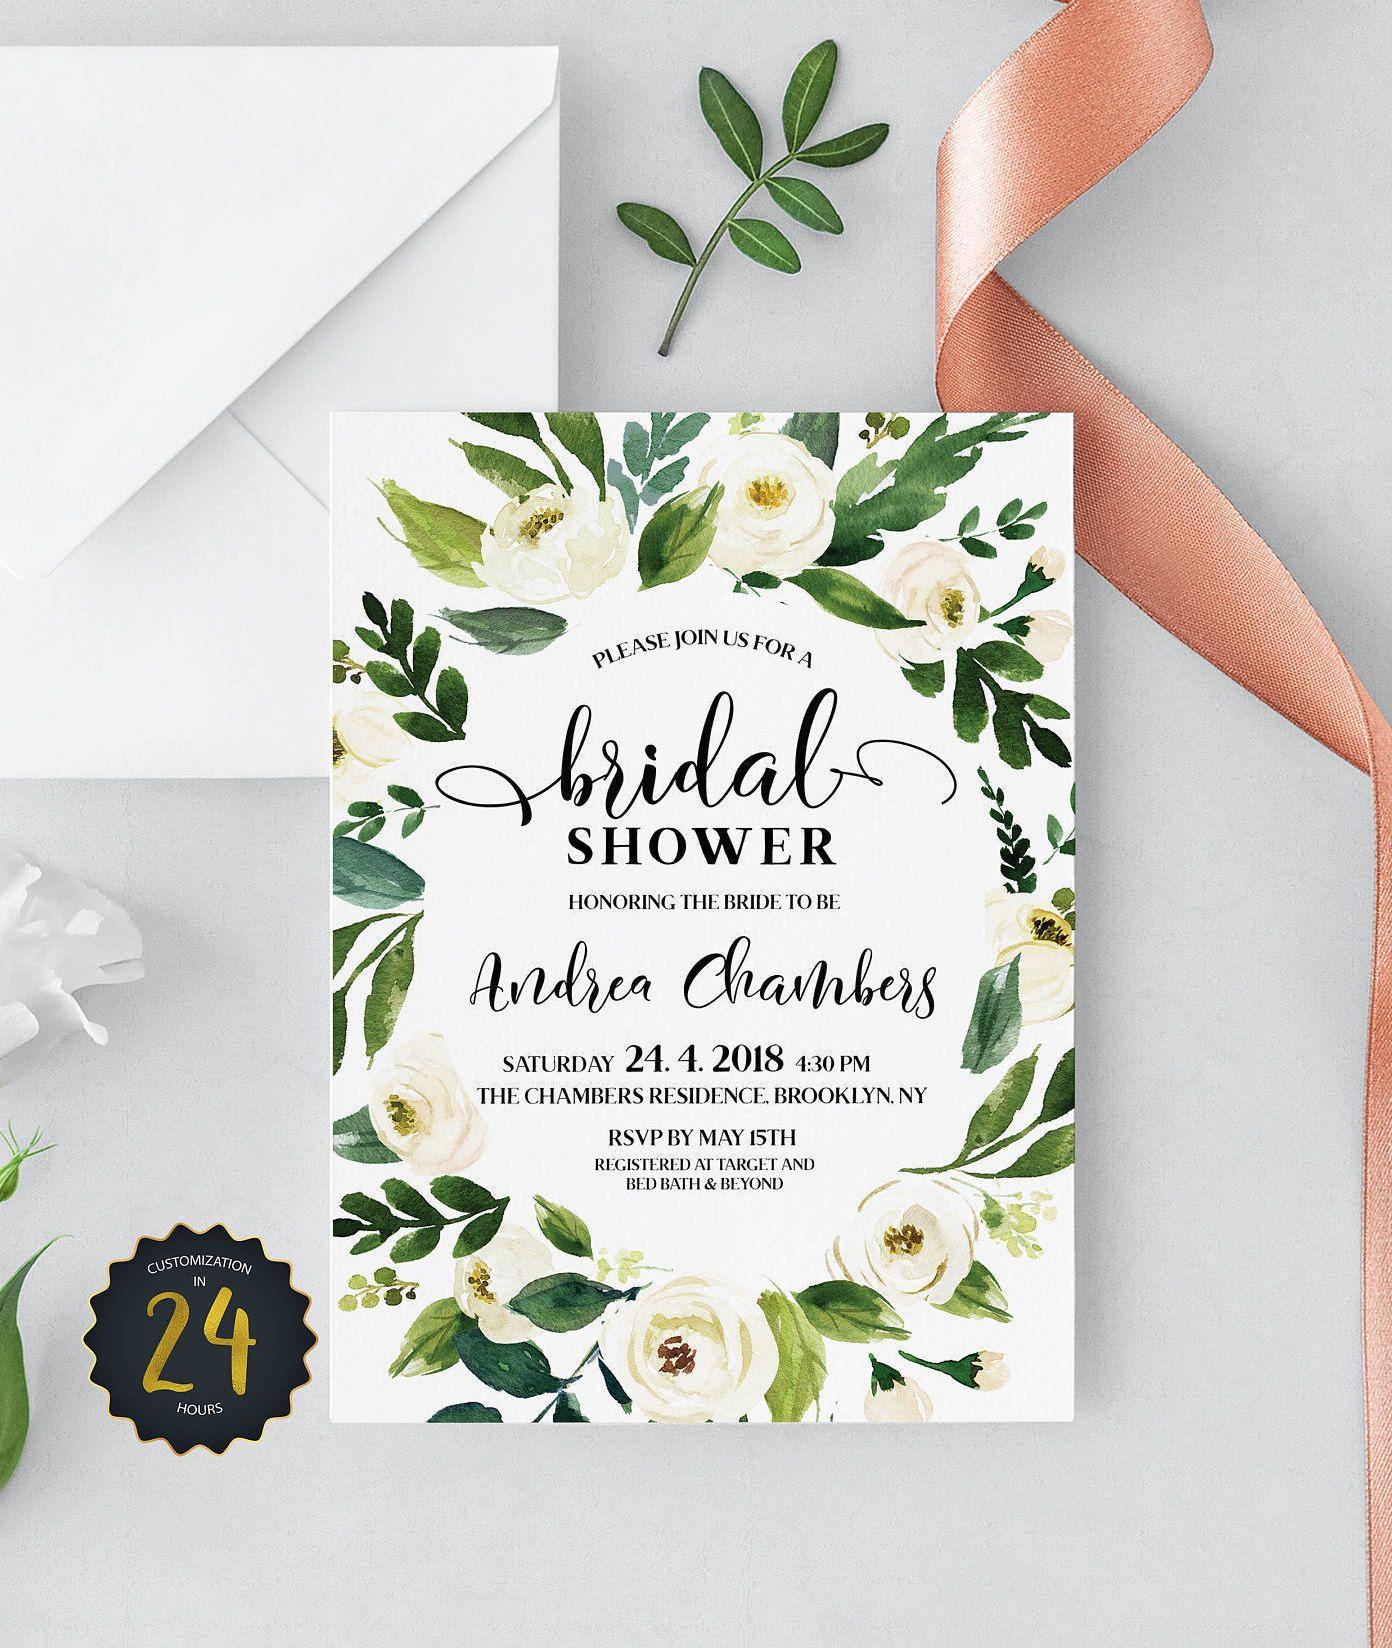 Bridal Shower Template Stunning Floral Bridal Shower Invitation  Printable Boho Bridal Shower .